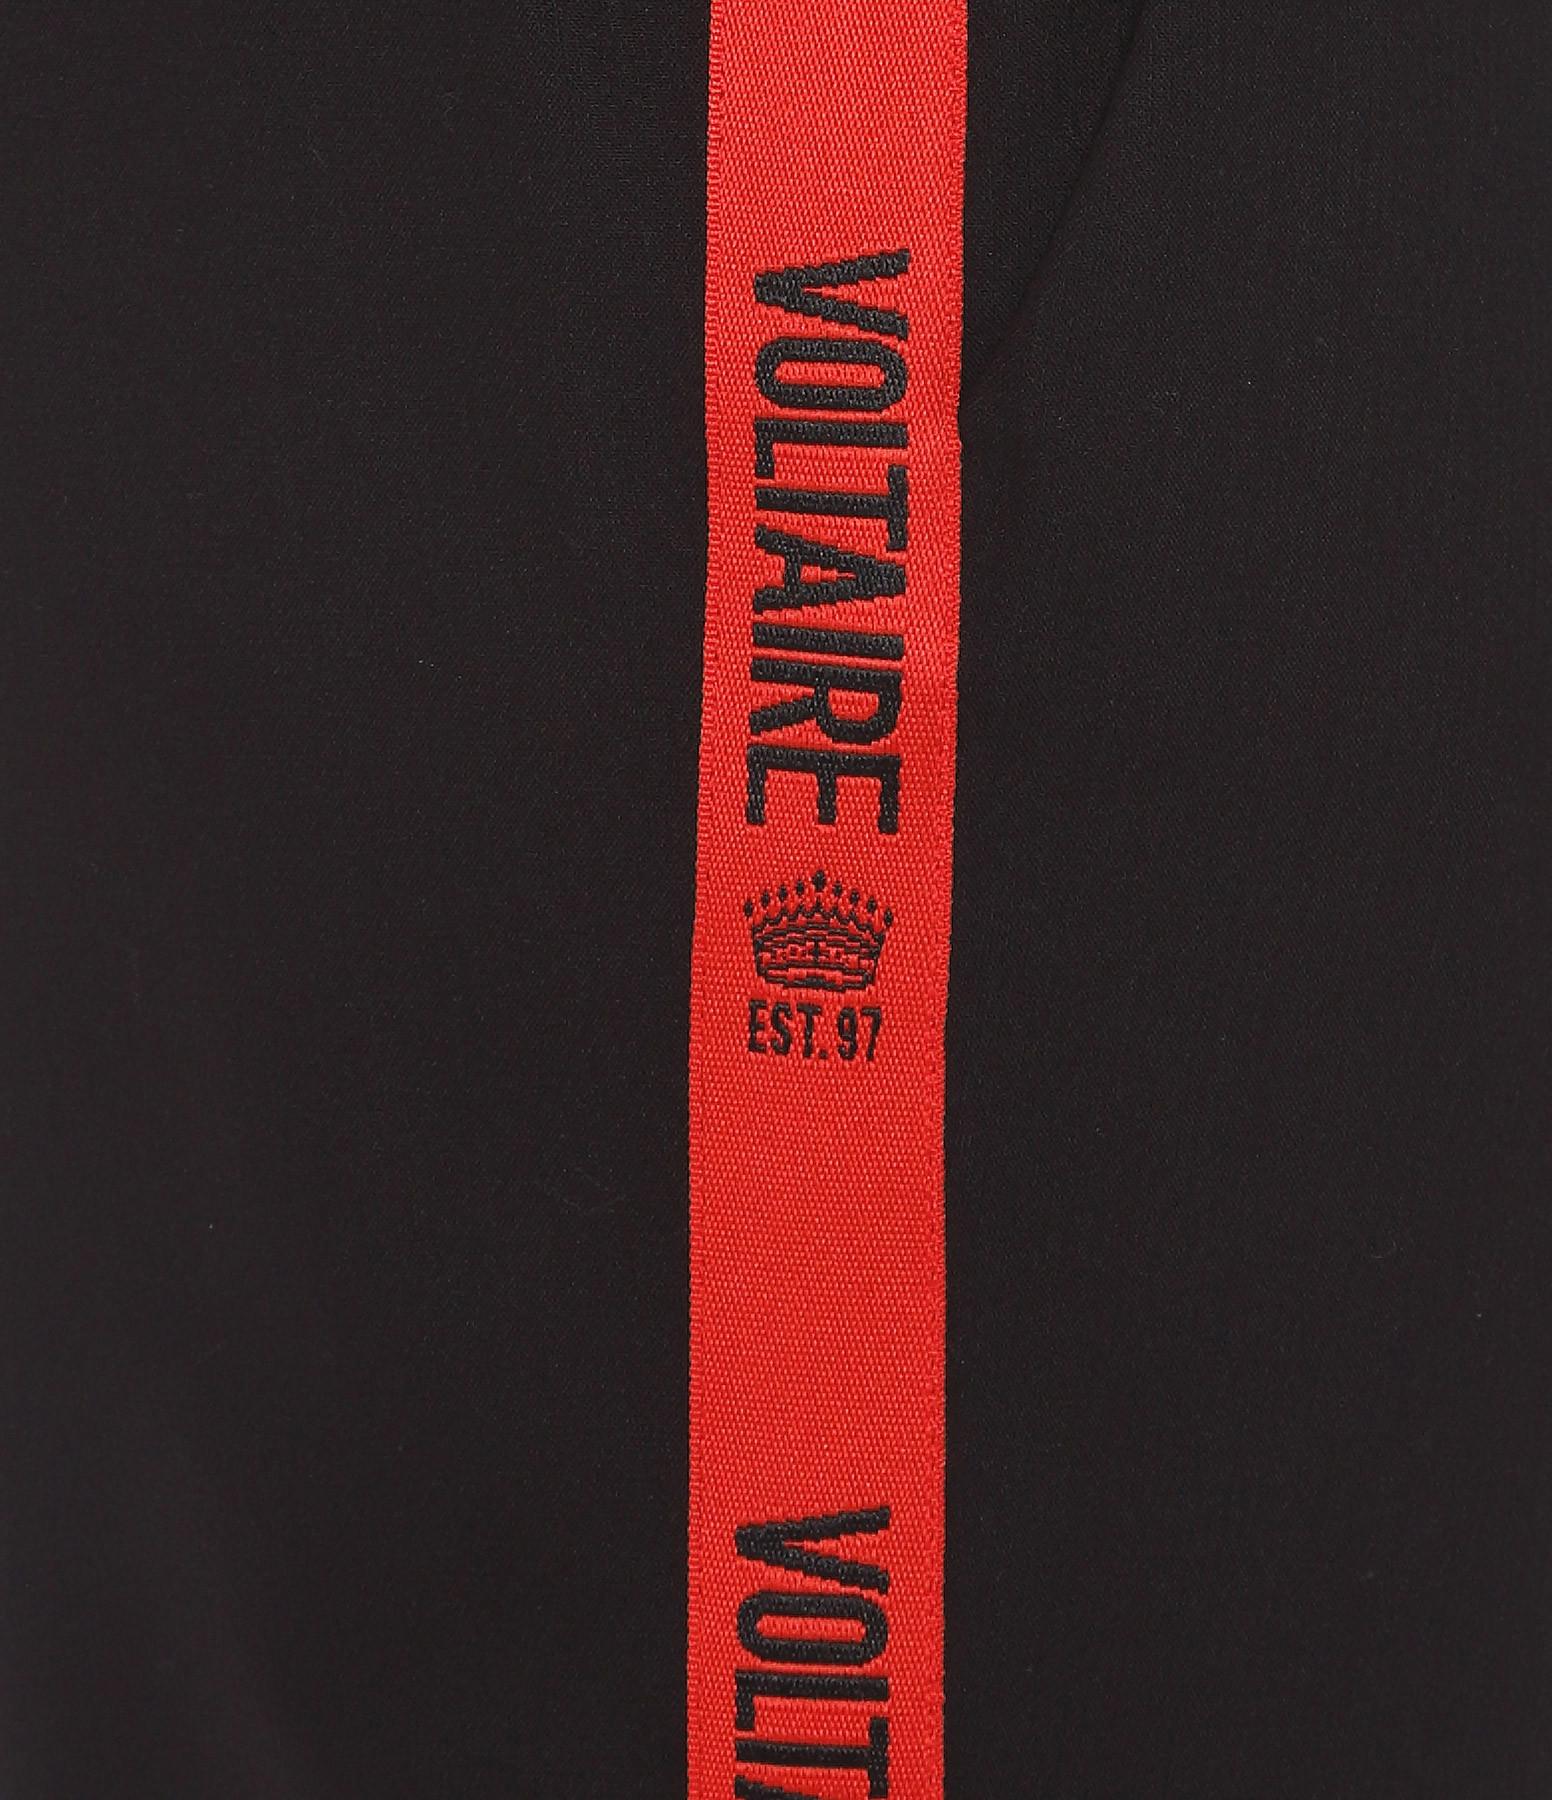 ZADIG & VOLTAIRE - Pantalon Pomelo Bandes Noir Rouge